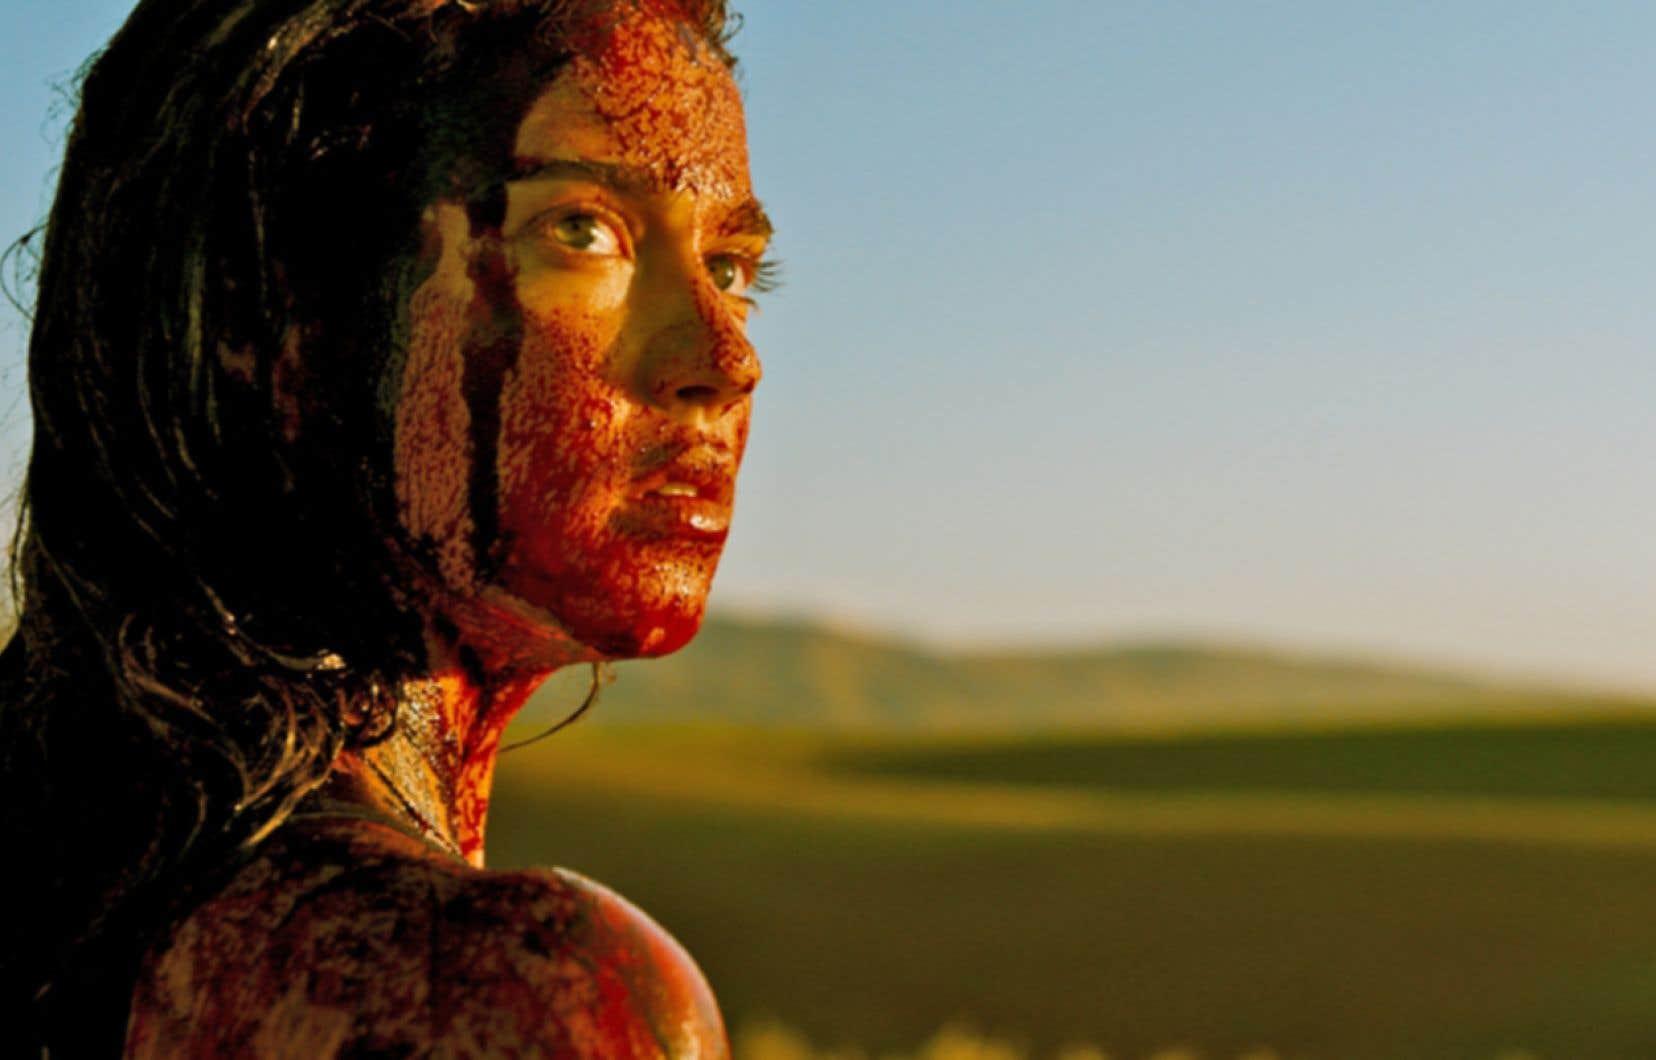 Un des aspects qui distingue le film est qu'en dépit du titre, la revanche n'est pas l'objectif initial du personnage de Jennifer.